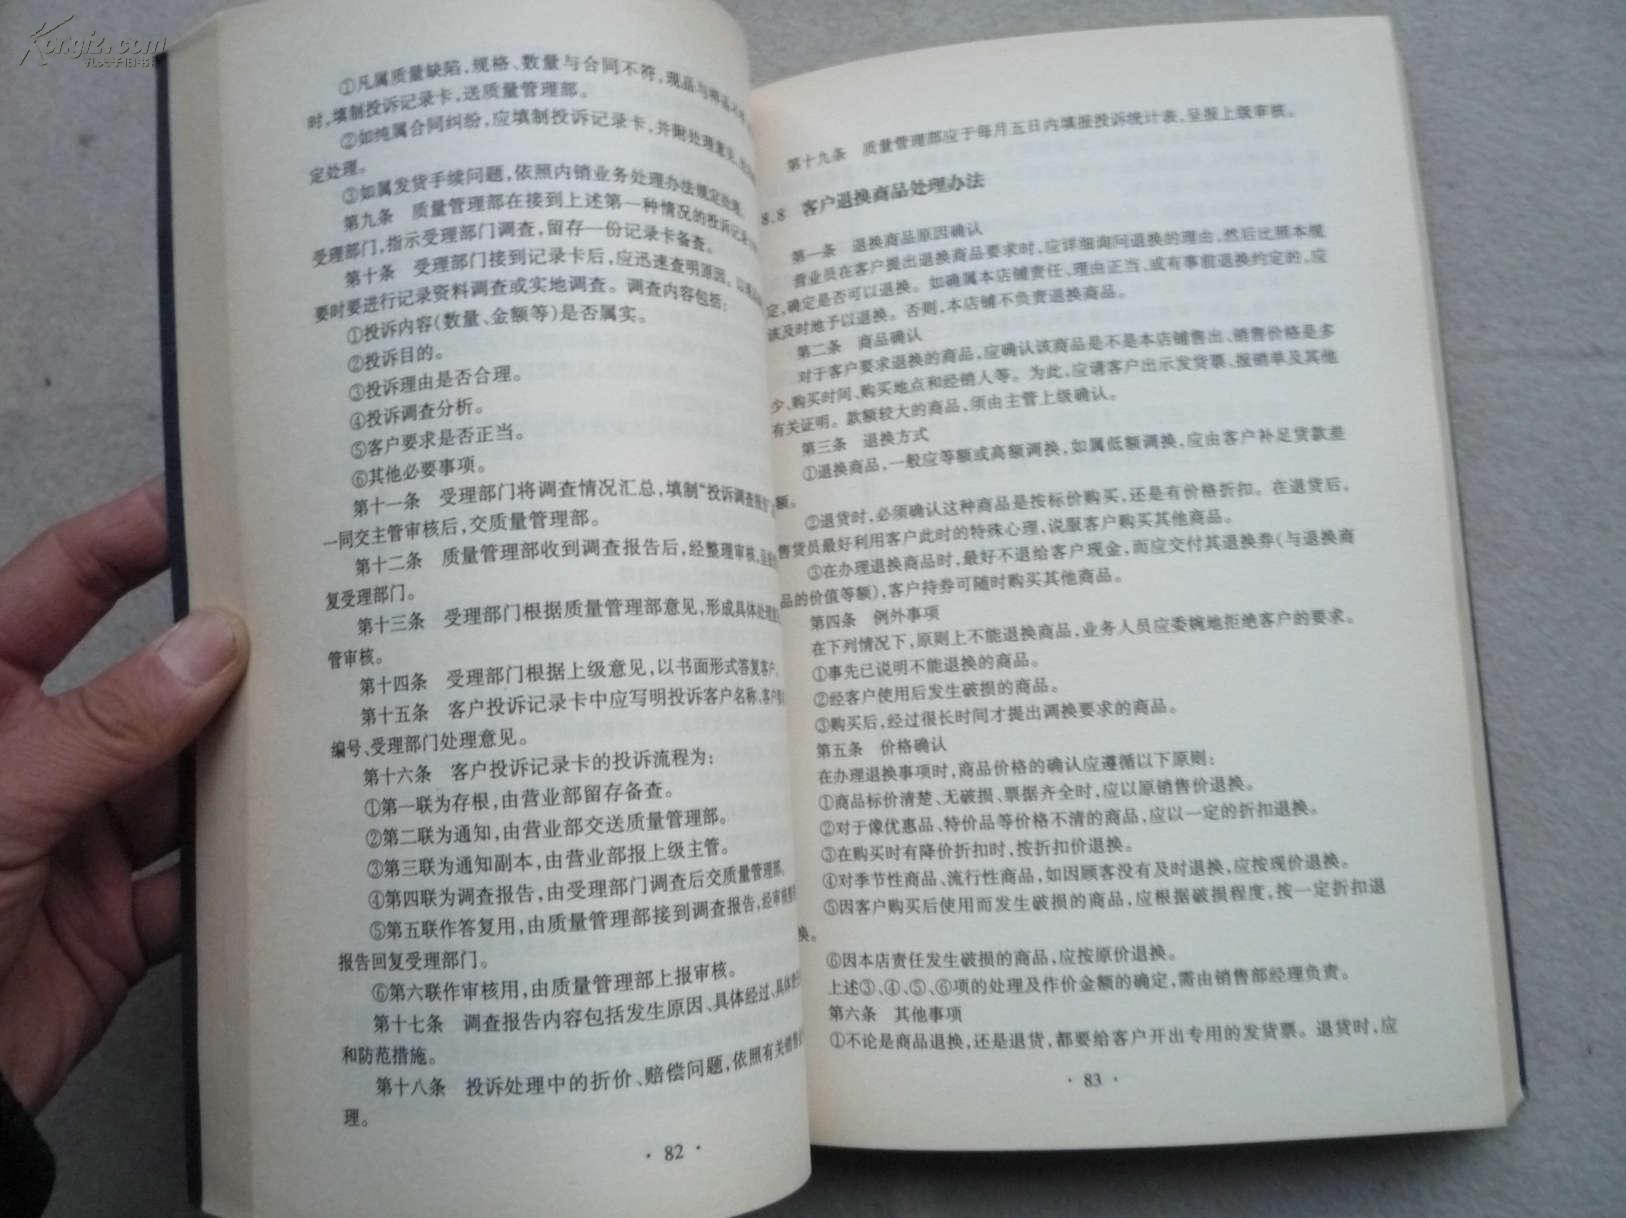 中小店铺规范管理制度表格文案合同常用必备手册图片